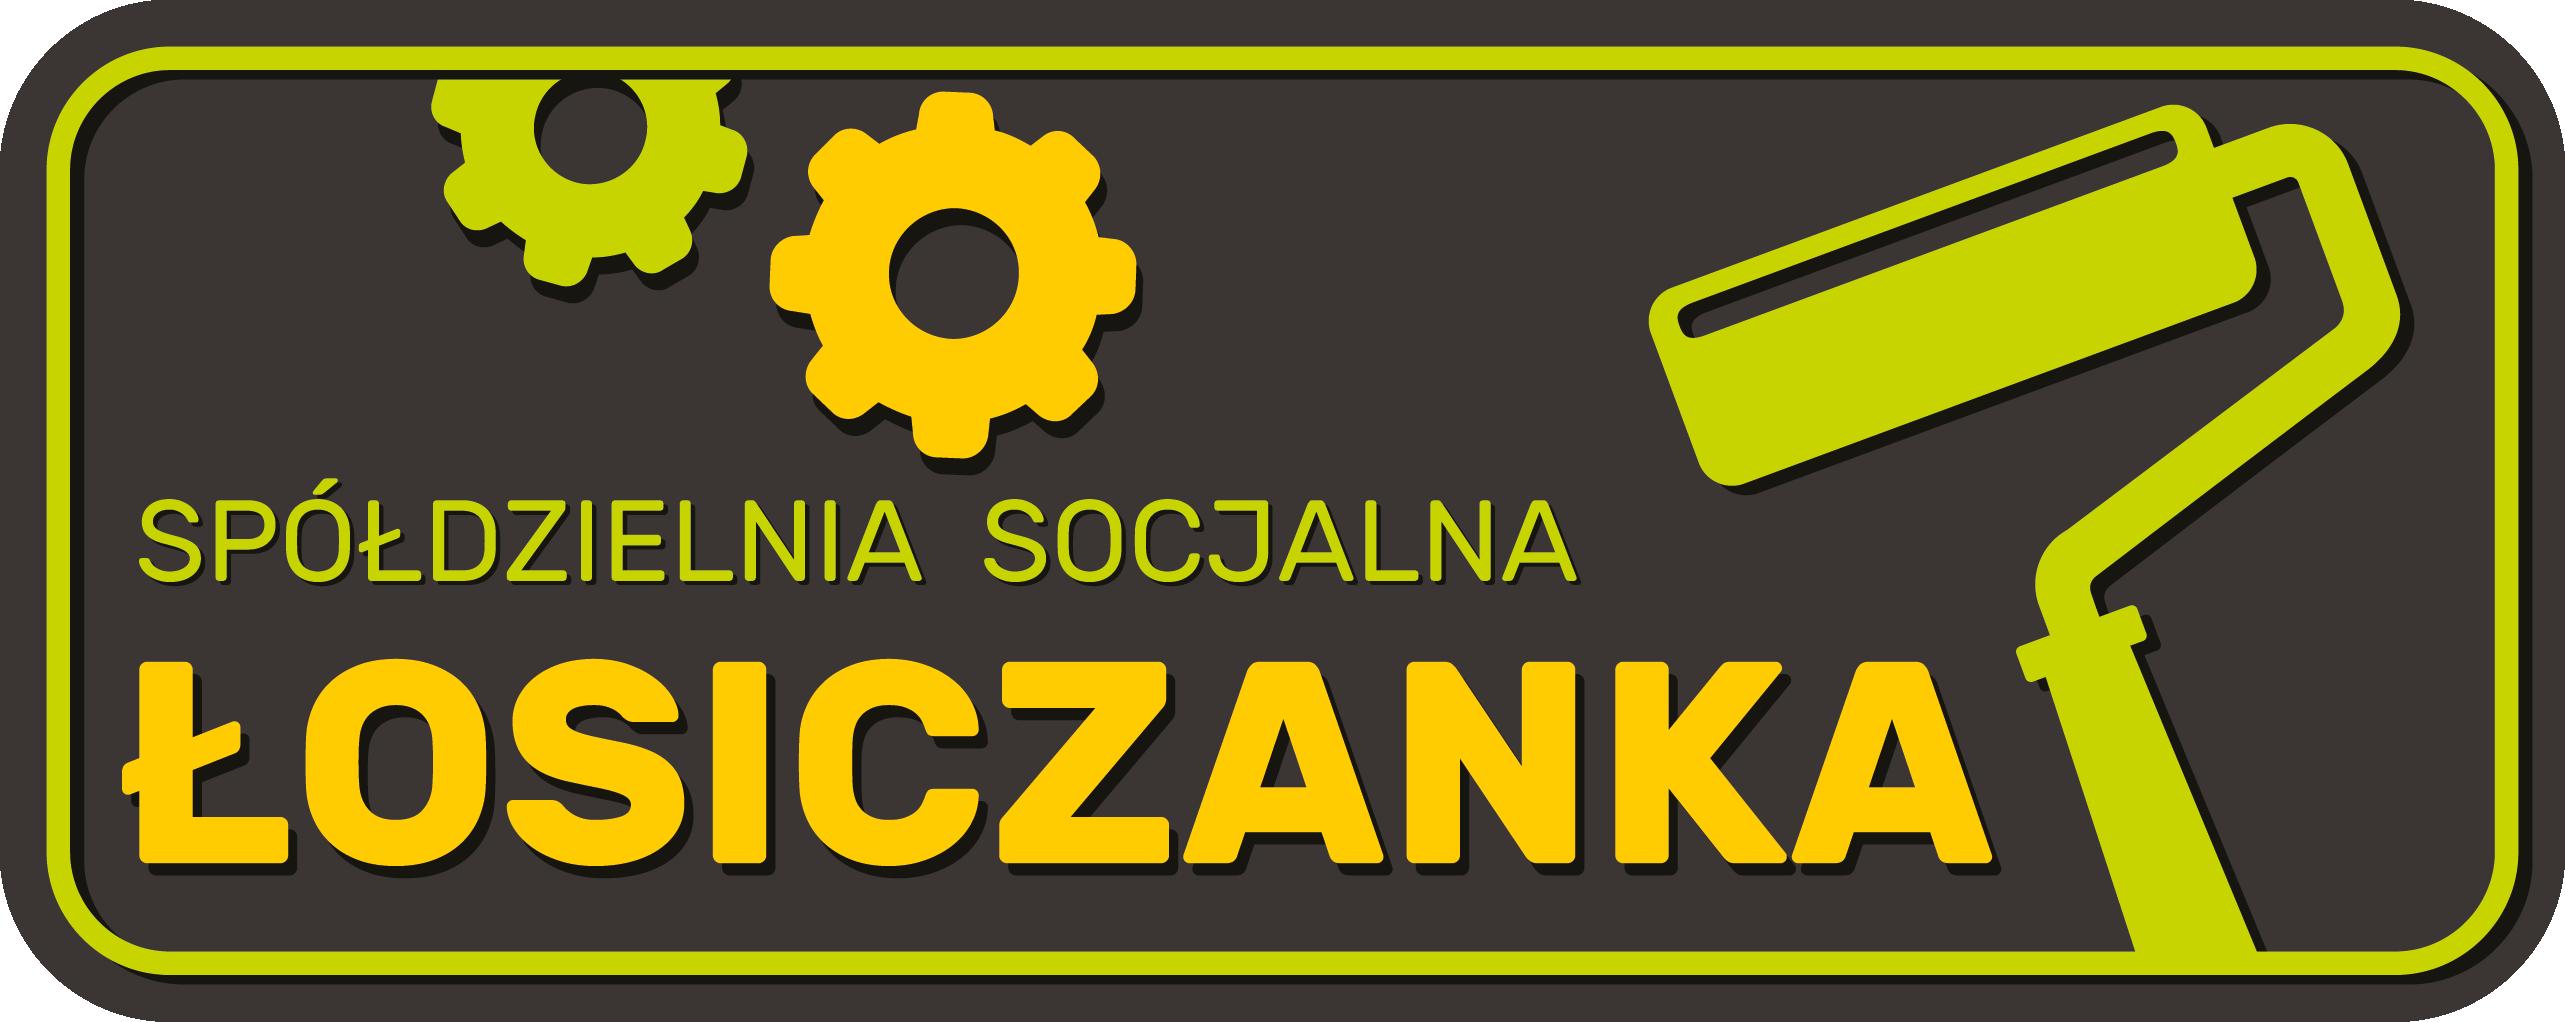 Spółdzielnia Socjalna Łosiczanka